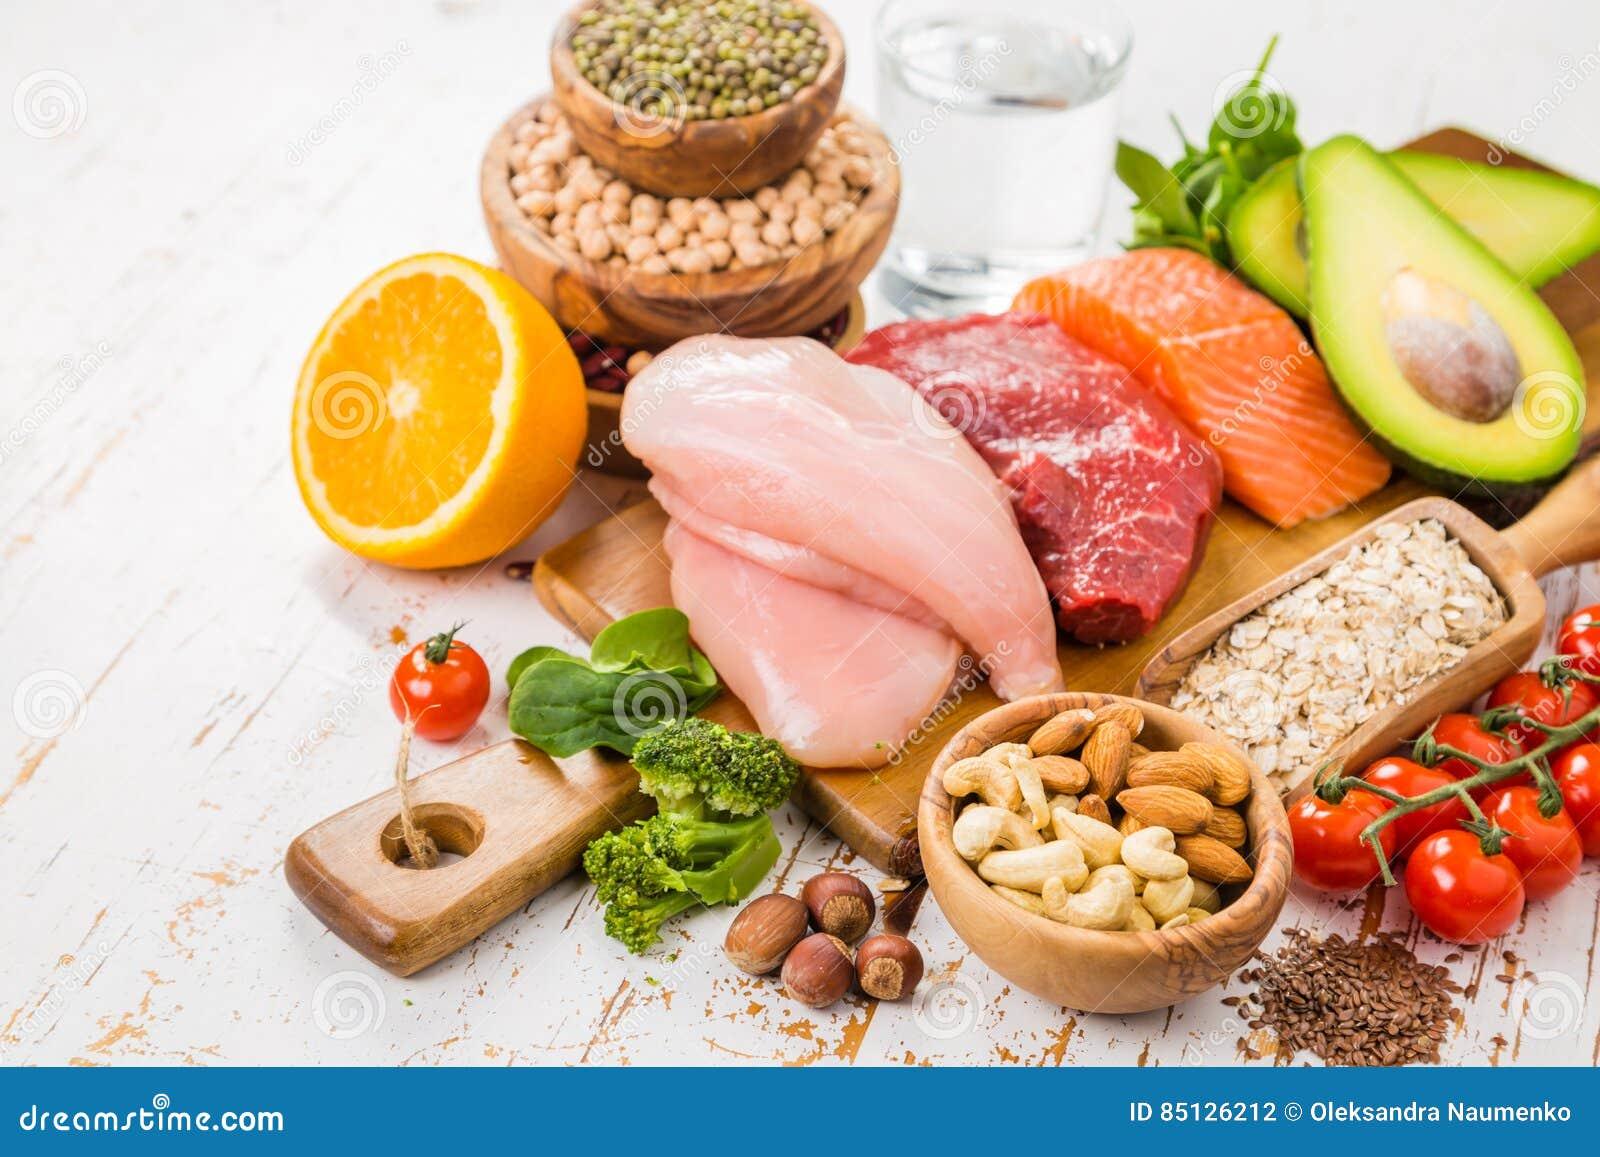 mat som är bra för huden